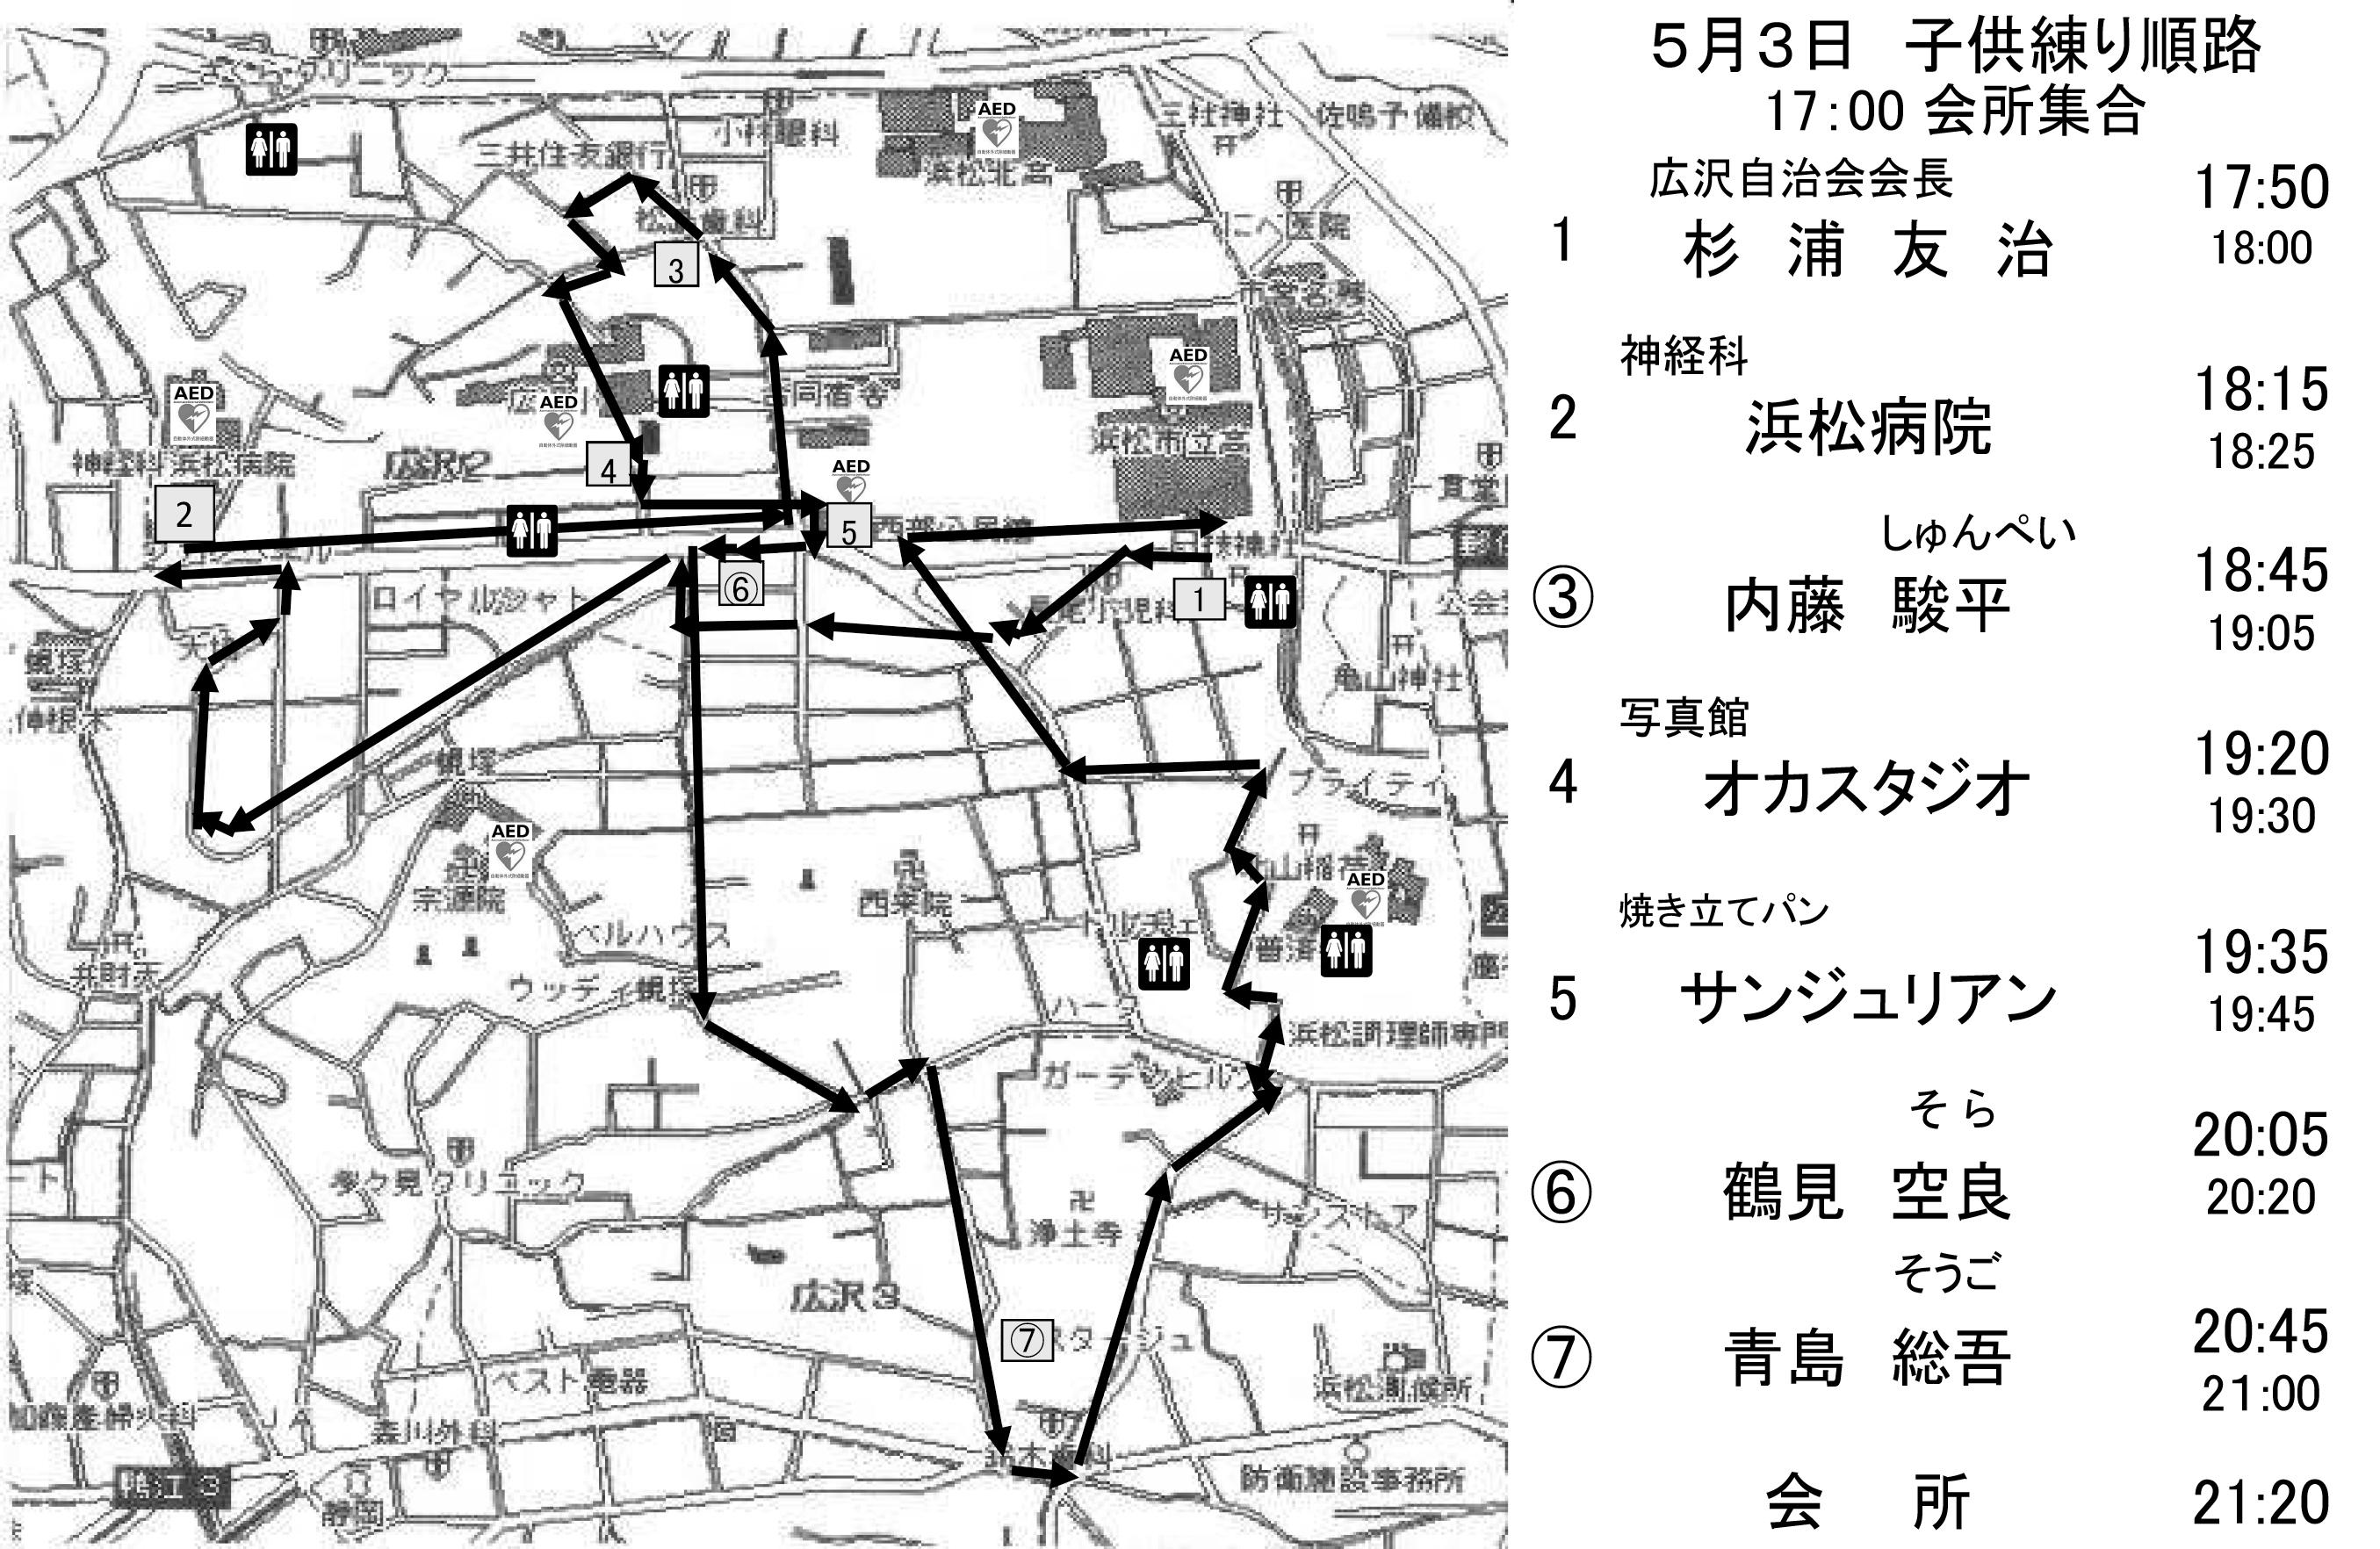 平成29年 子練り順路(地図・時間)